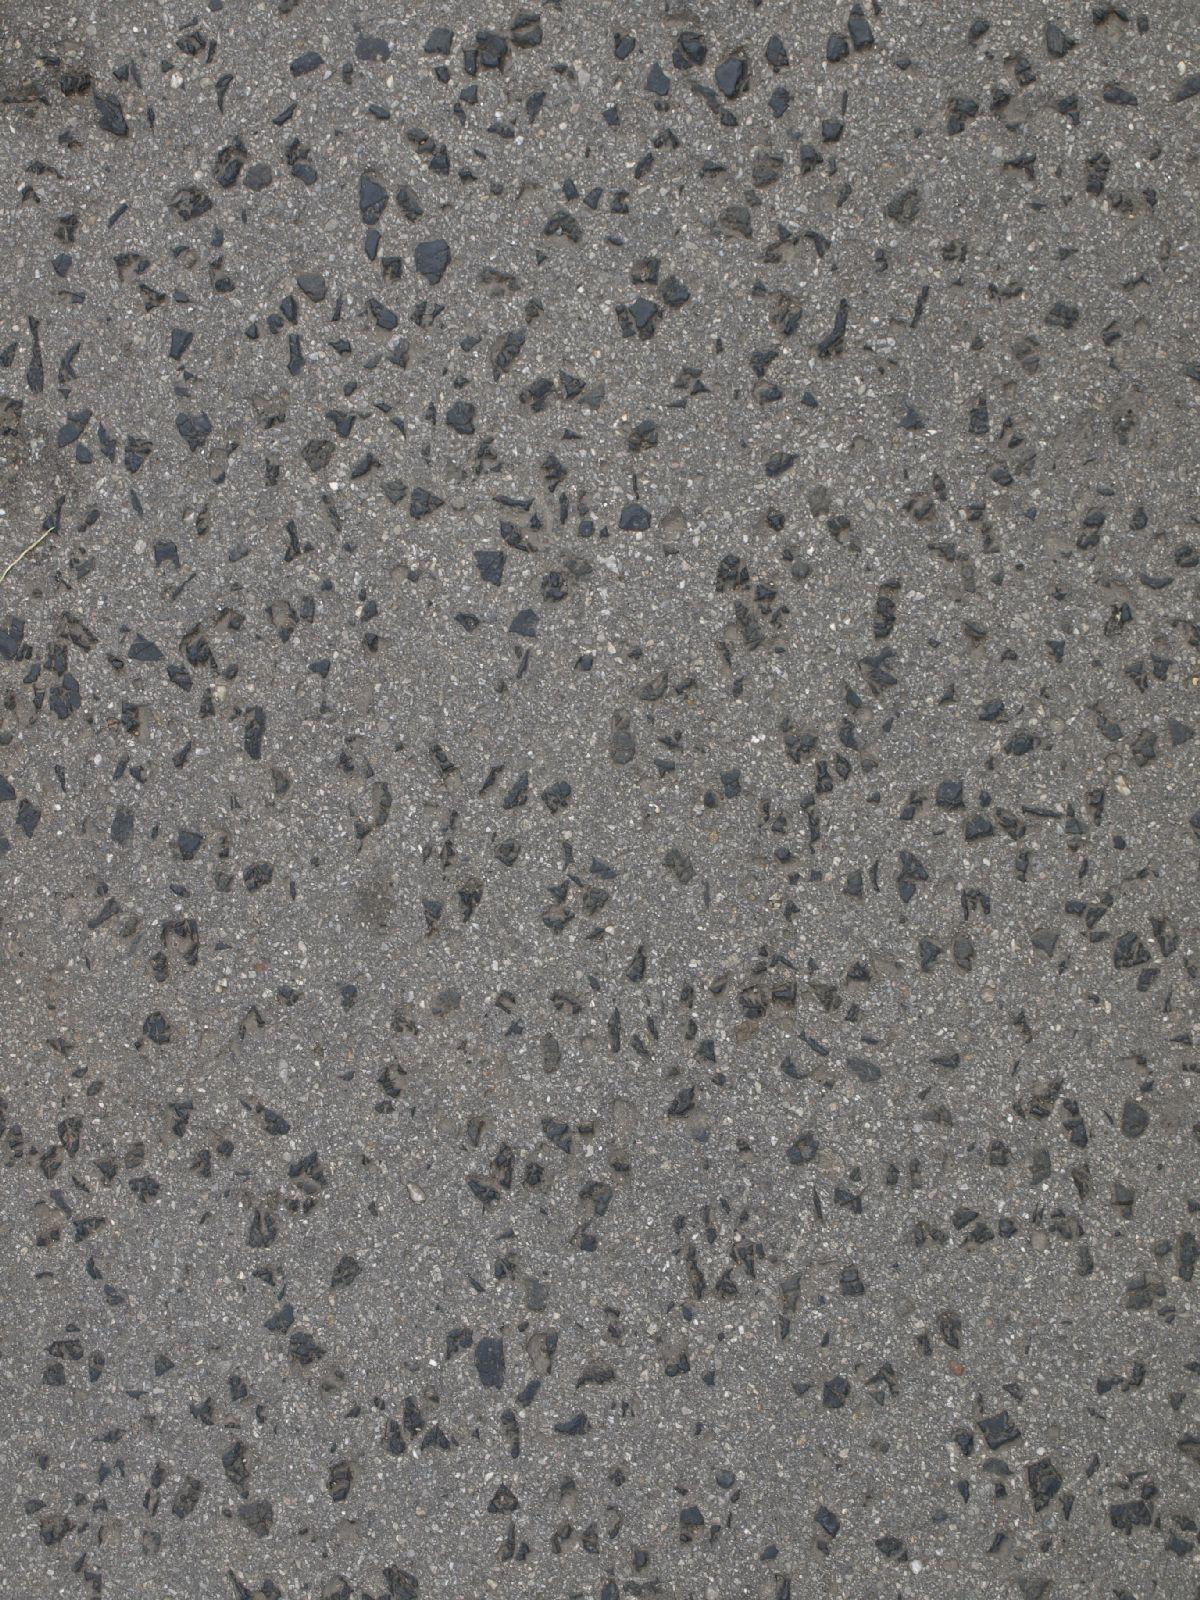 Ground-Urban_Texture_A_P8174464